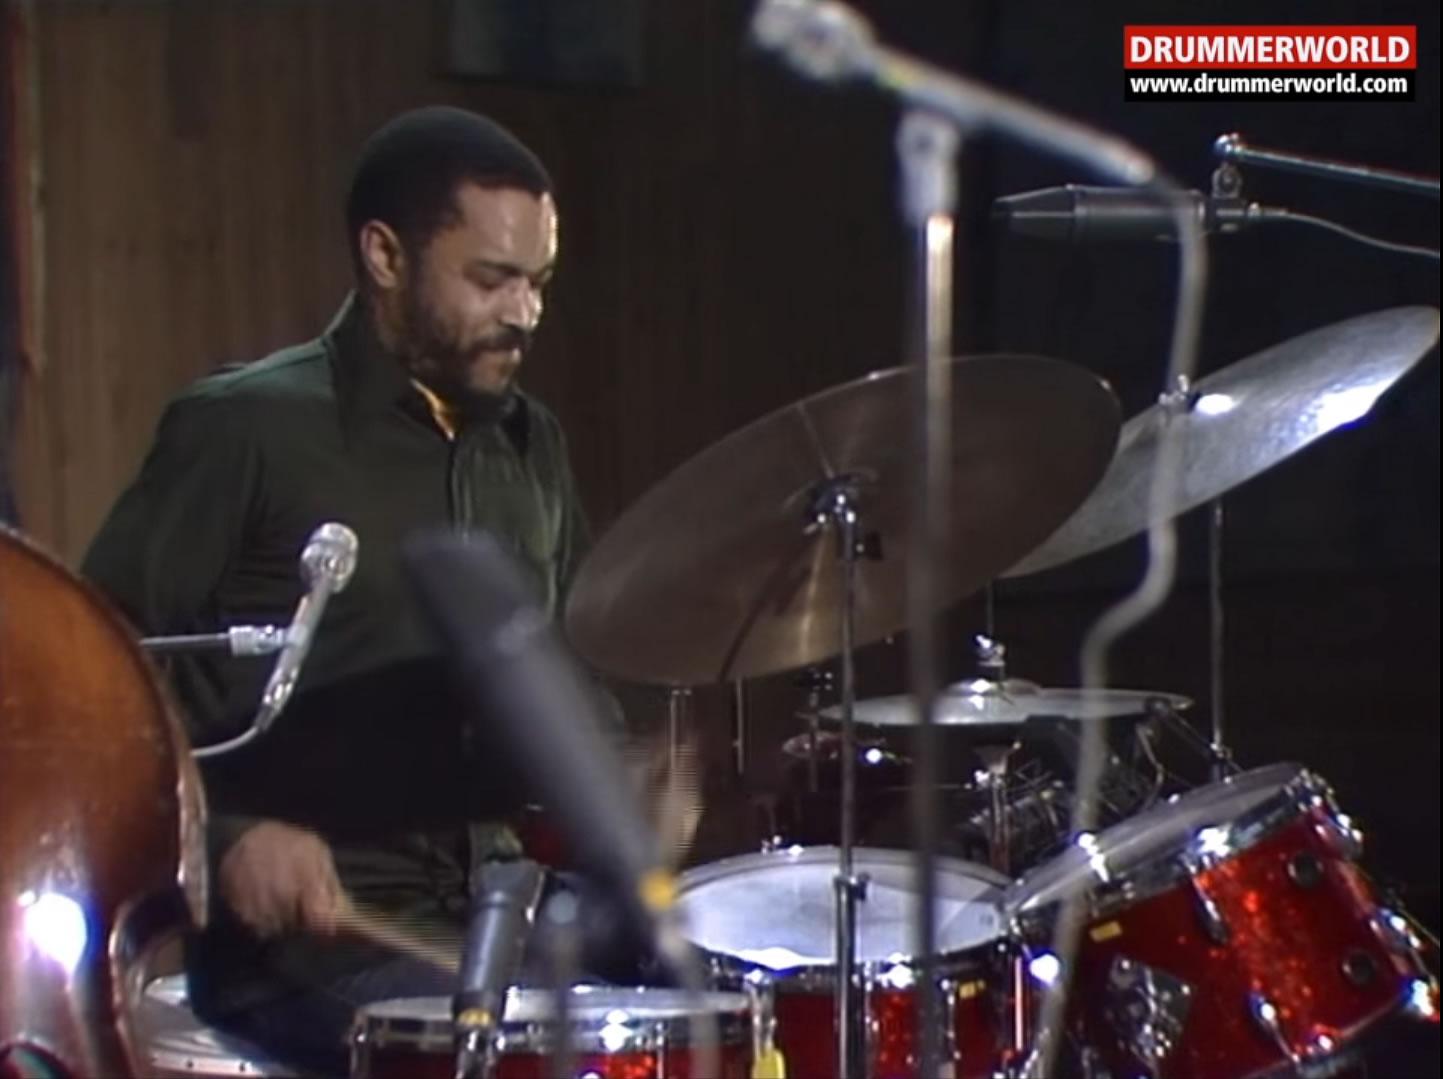 Un omaggio a un grande drummer: Billy Higgins